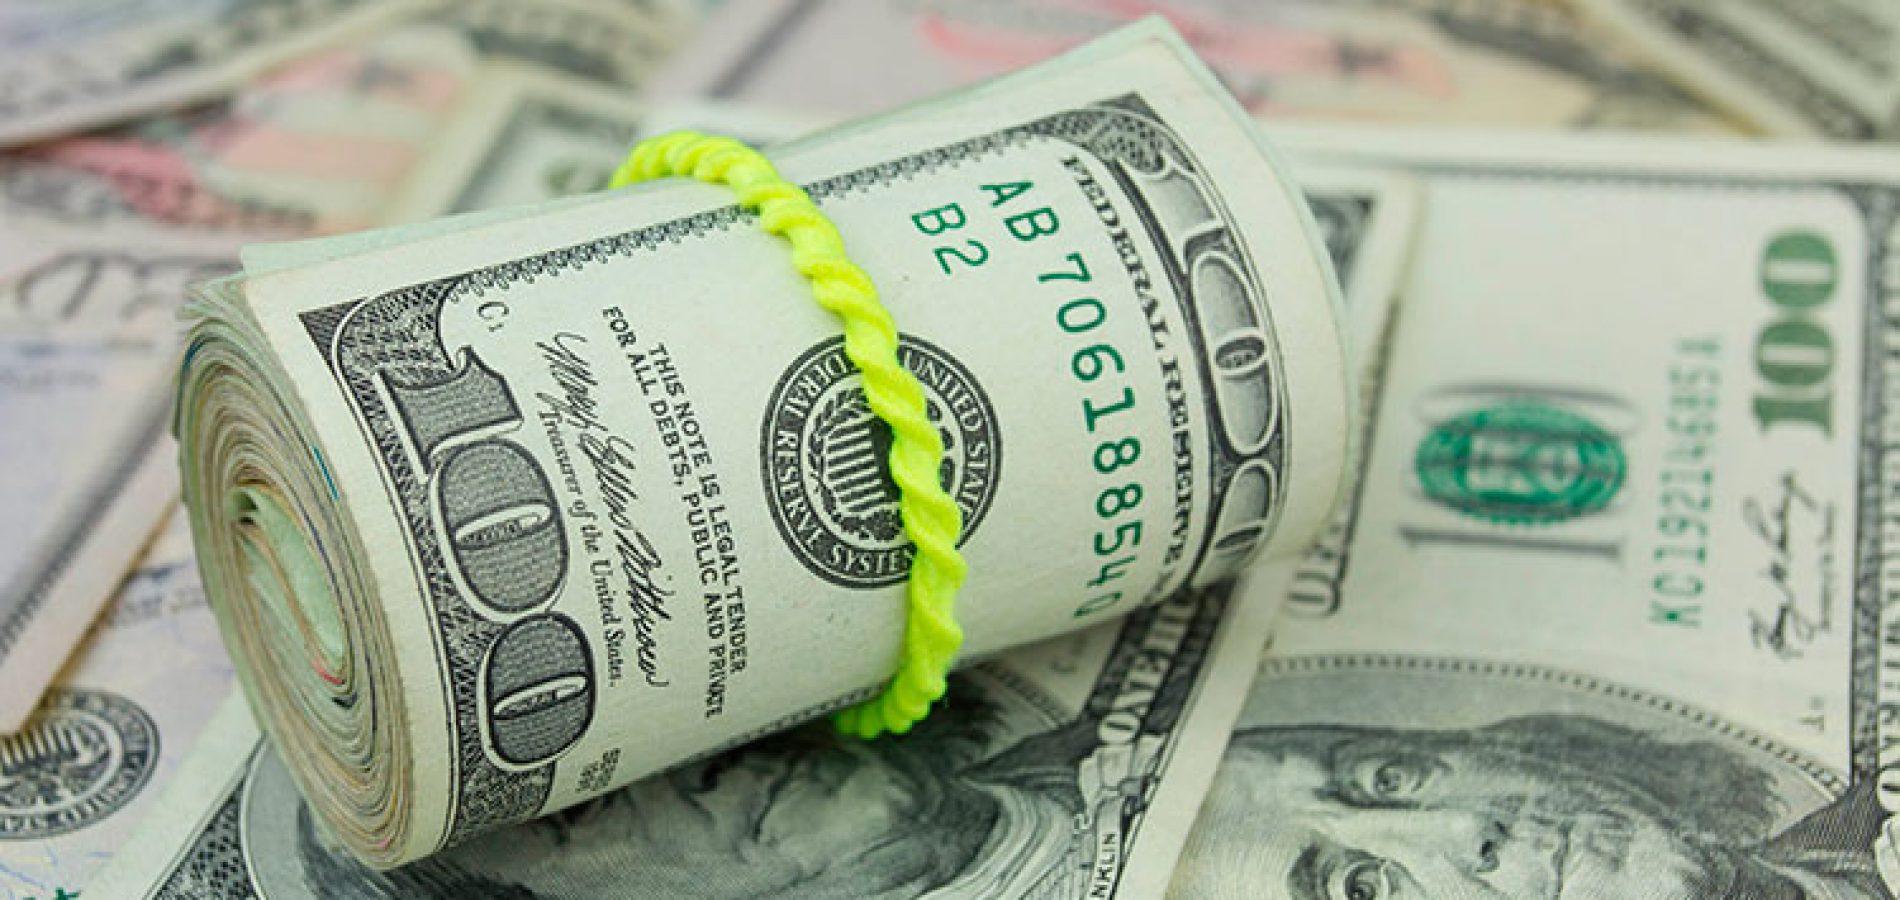 Dólar cai 0,04% e vale hoje R$ 3,69